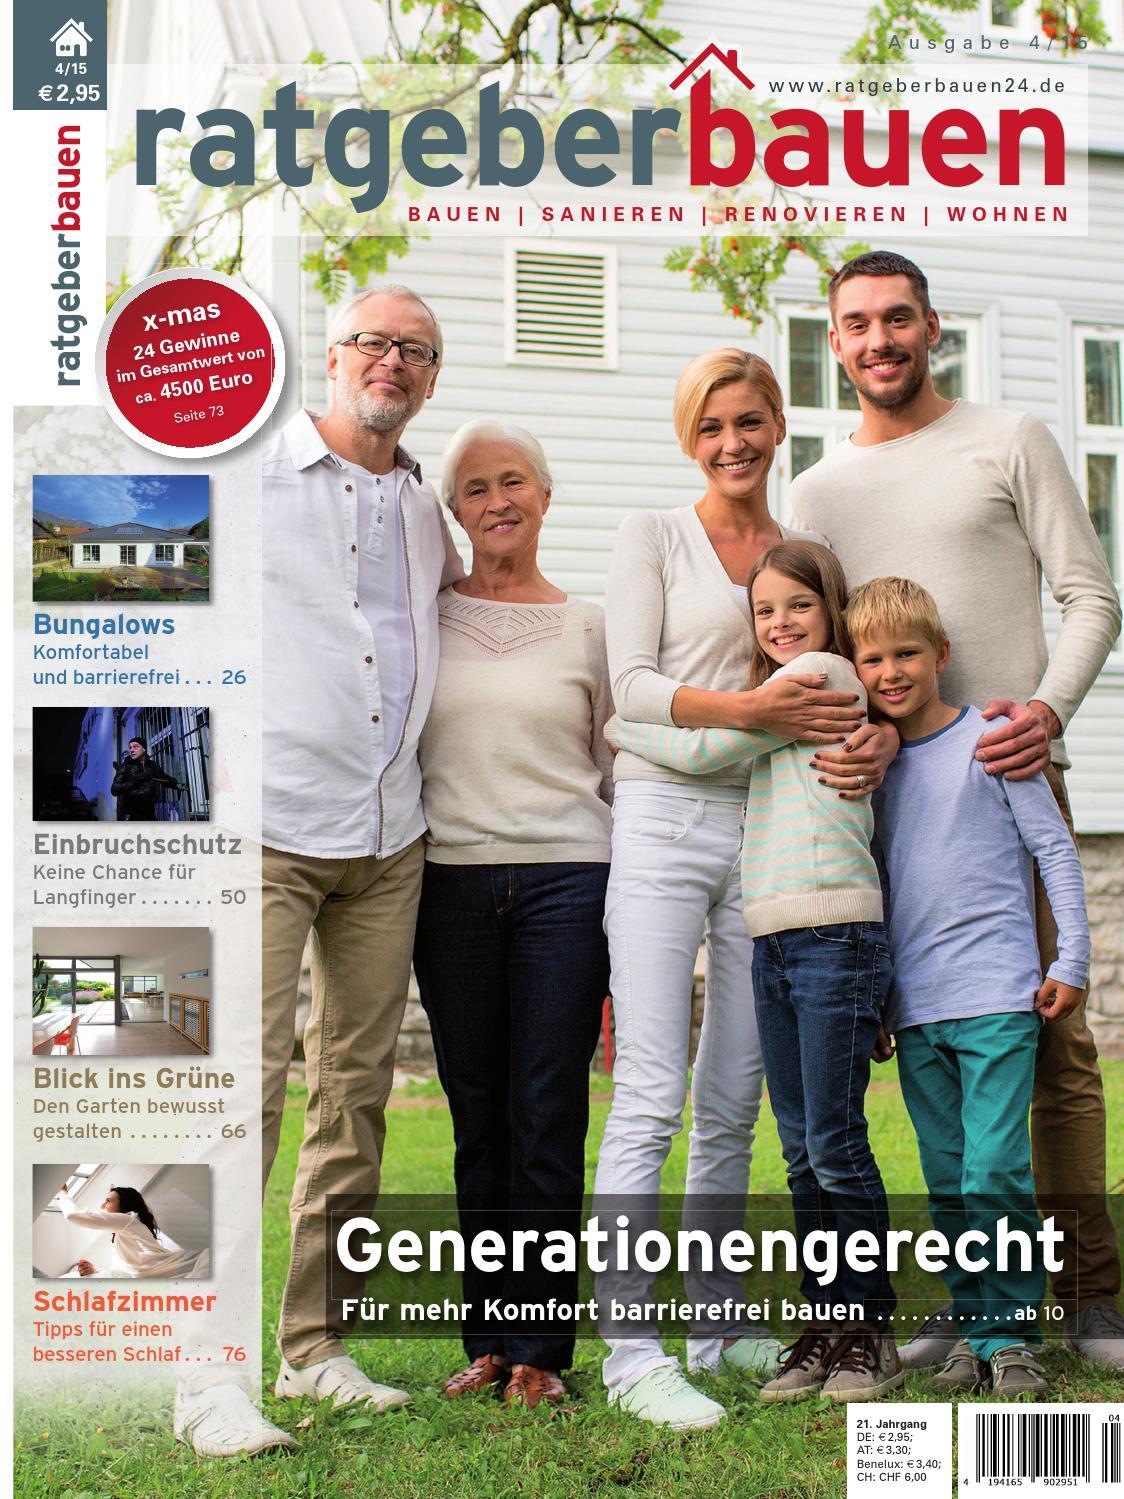 Ratgeber bauen 4 2015 generationengerecht bauen by for Ratgeber bauen